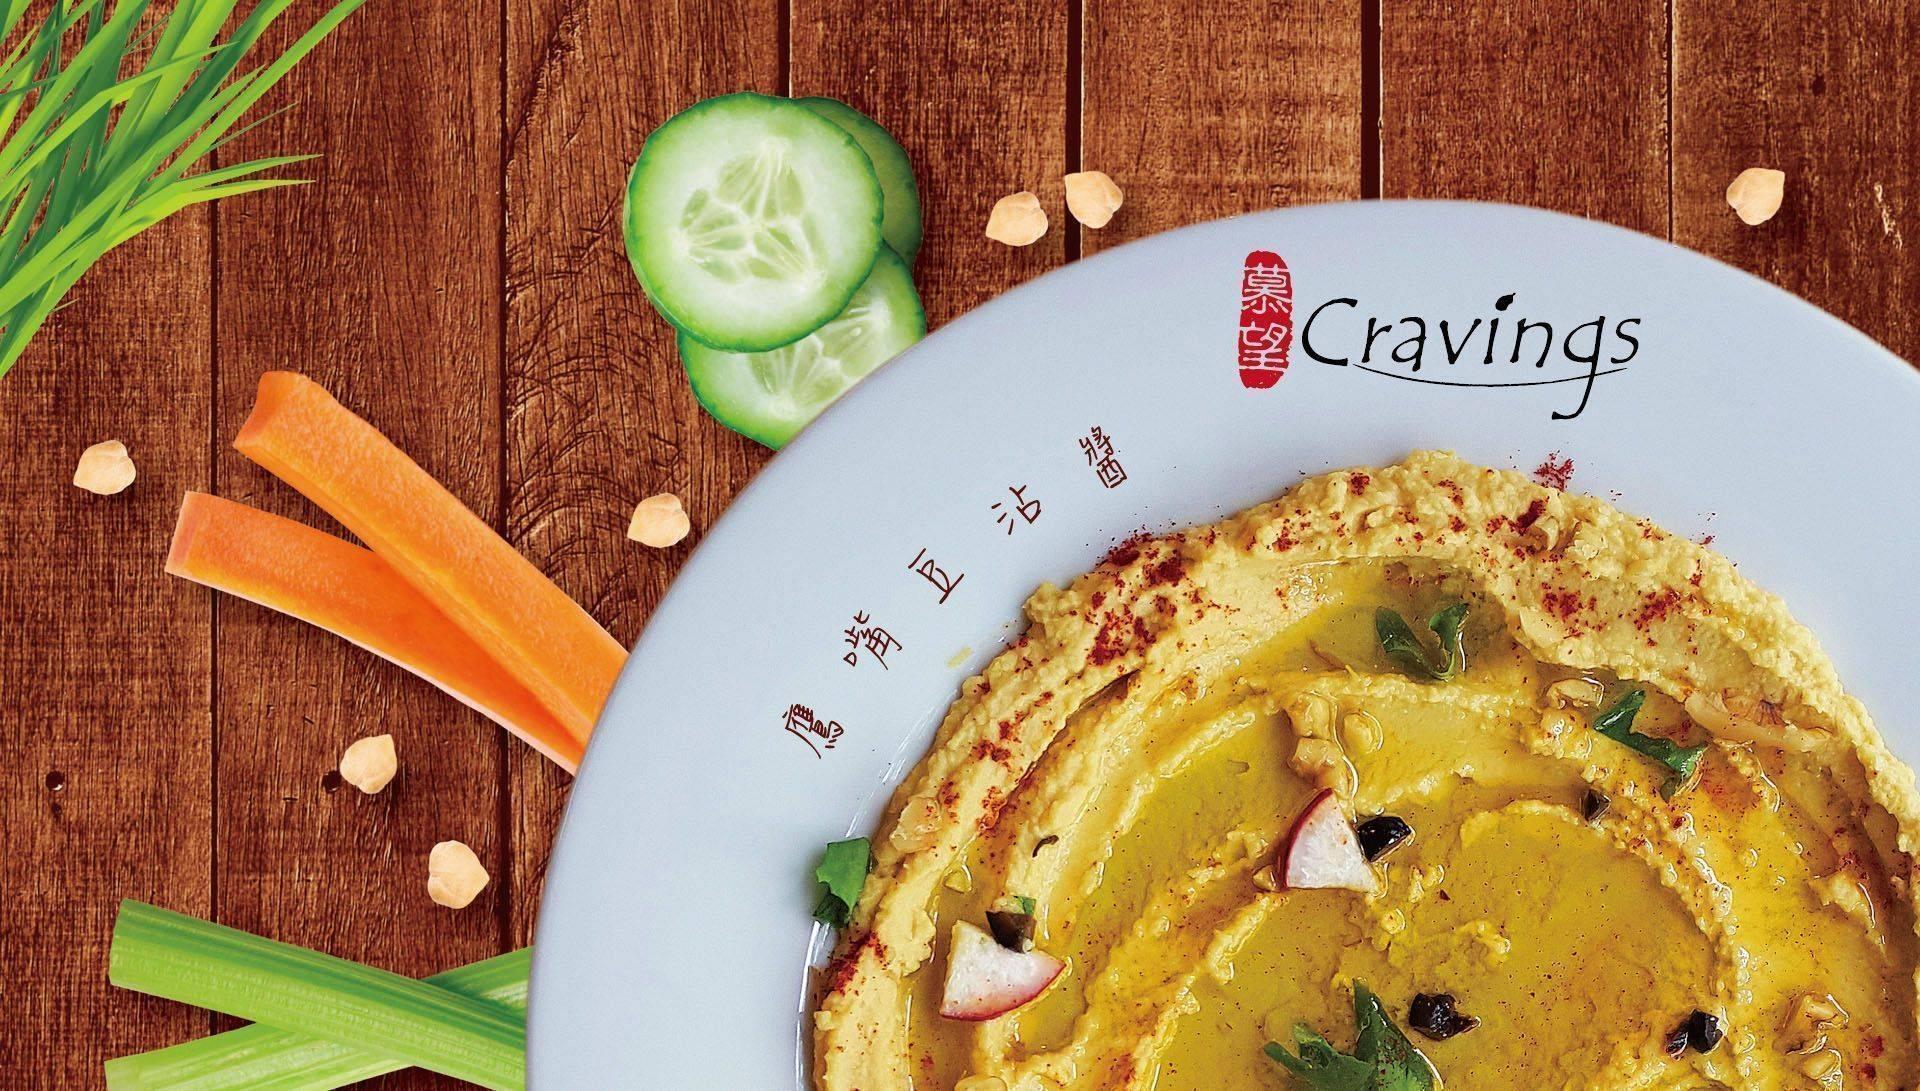 Cravings Hummus